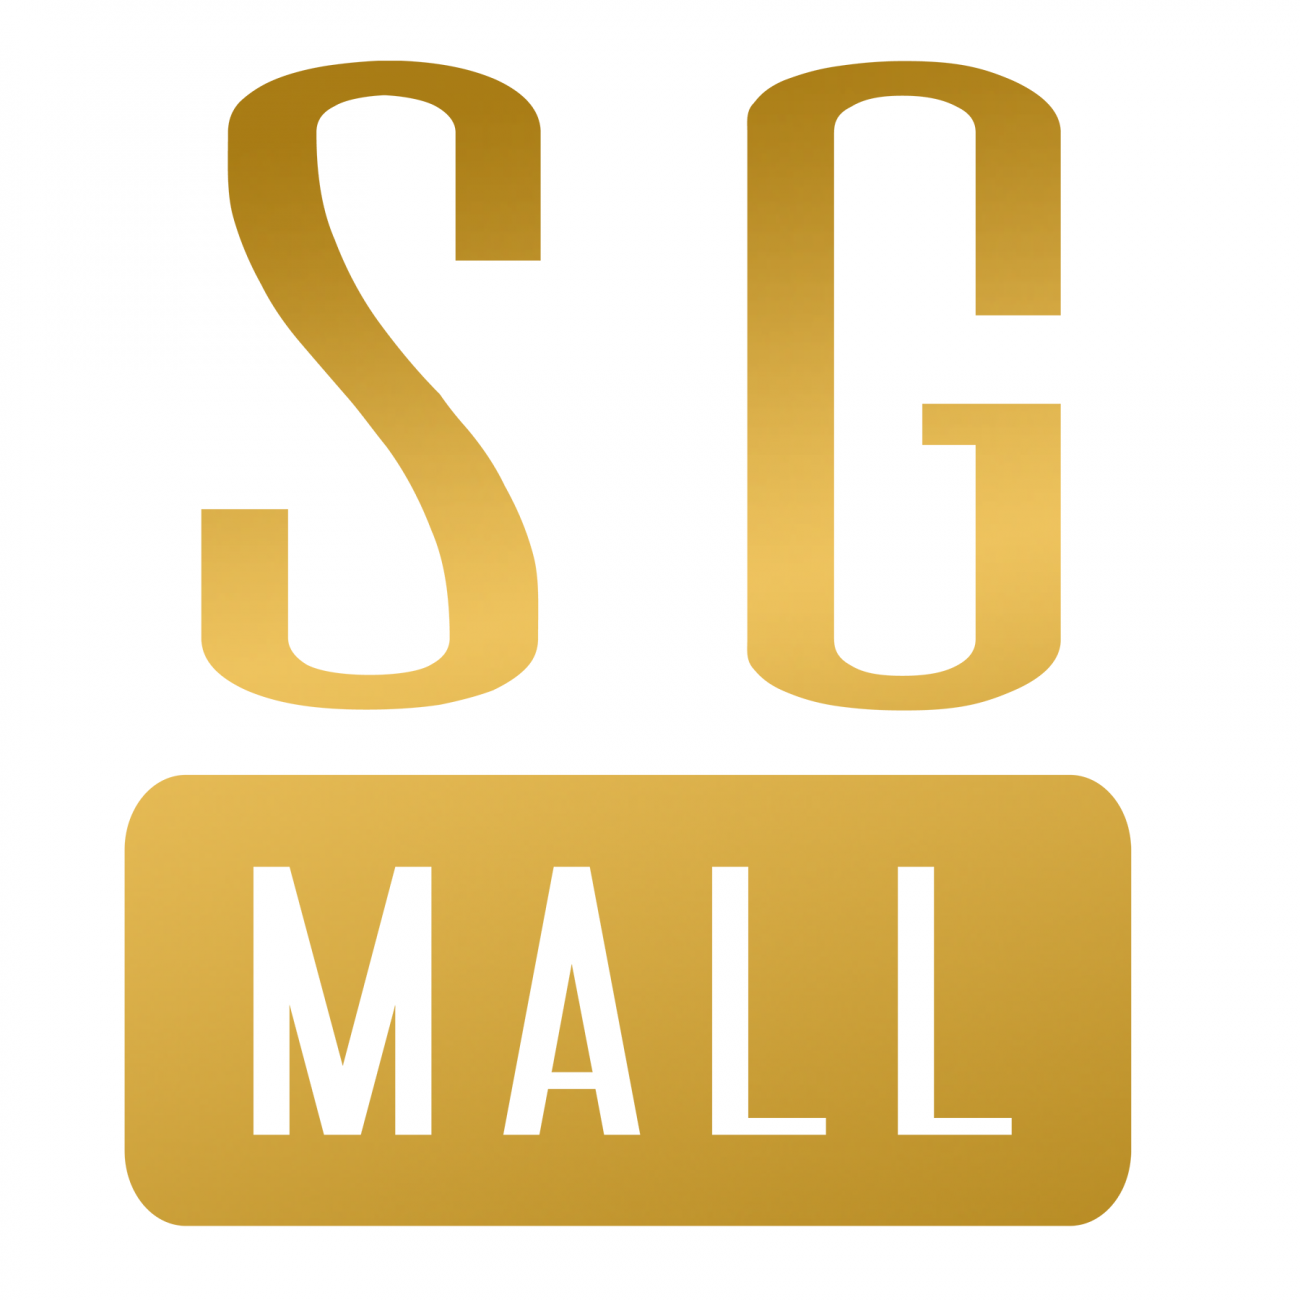 Cửa hàng sửa chữa điện thoại SG Mall